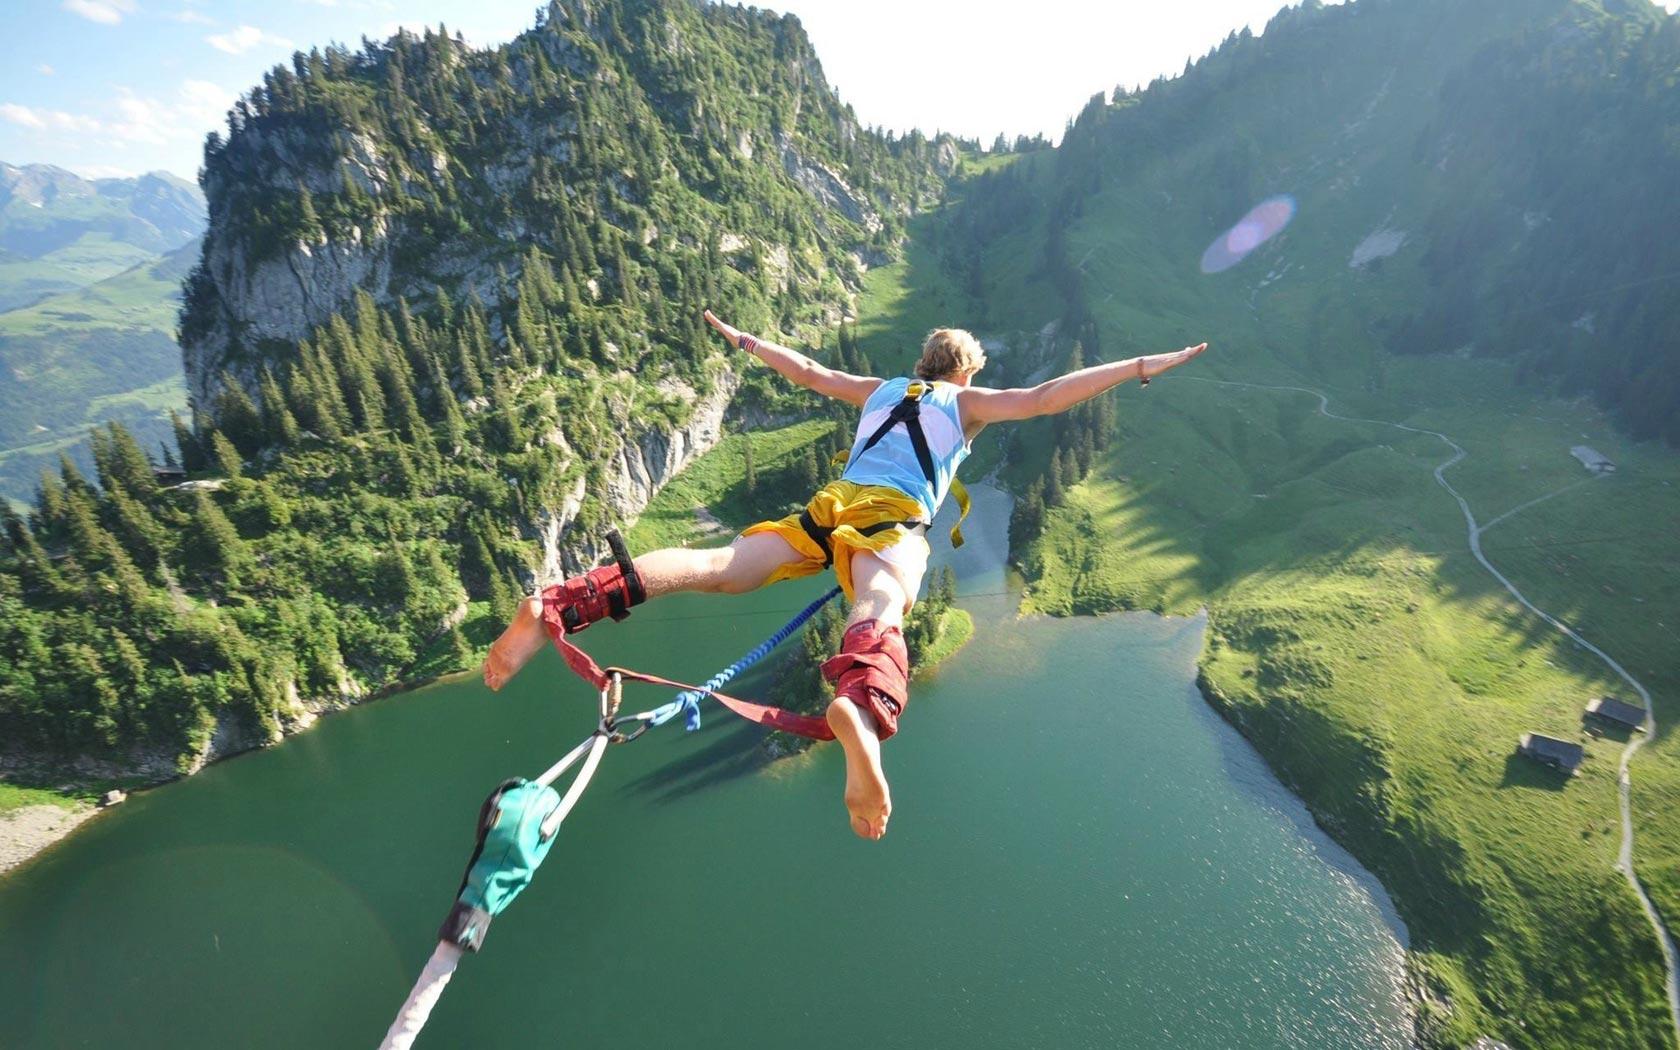 ऊंची उड़ान से नहीं लगता डर तो बंजी जपिंग के लिए बेस्ट हैं ये डेस्टिनेशन